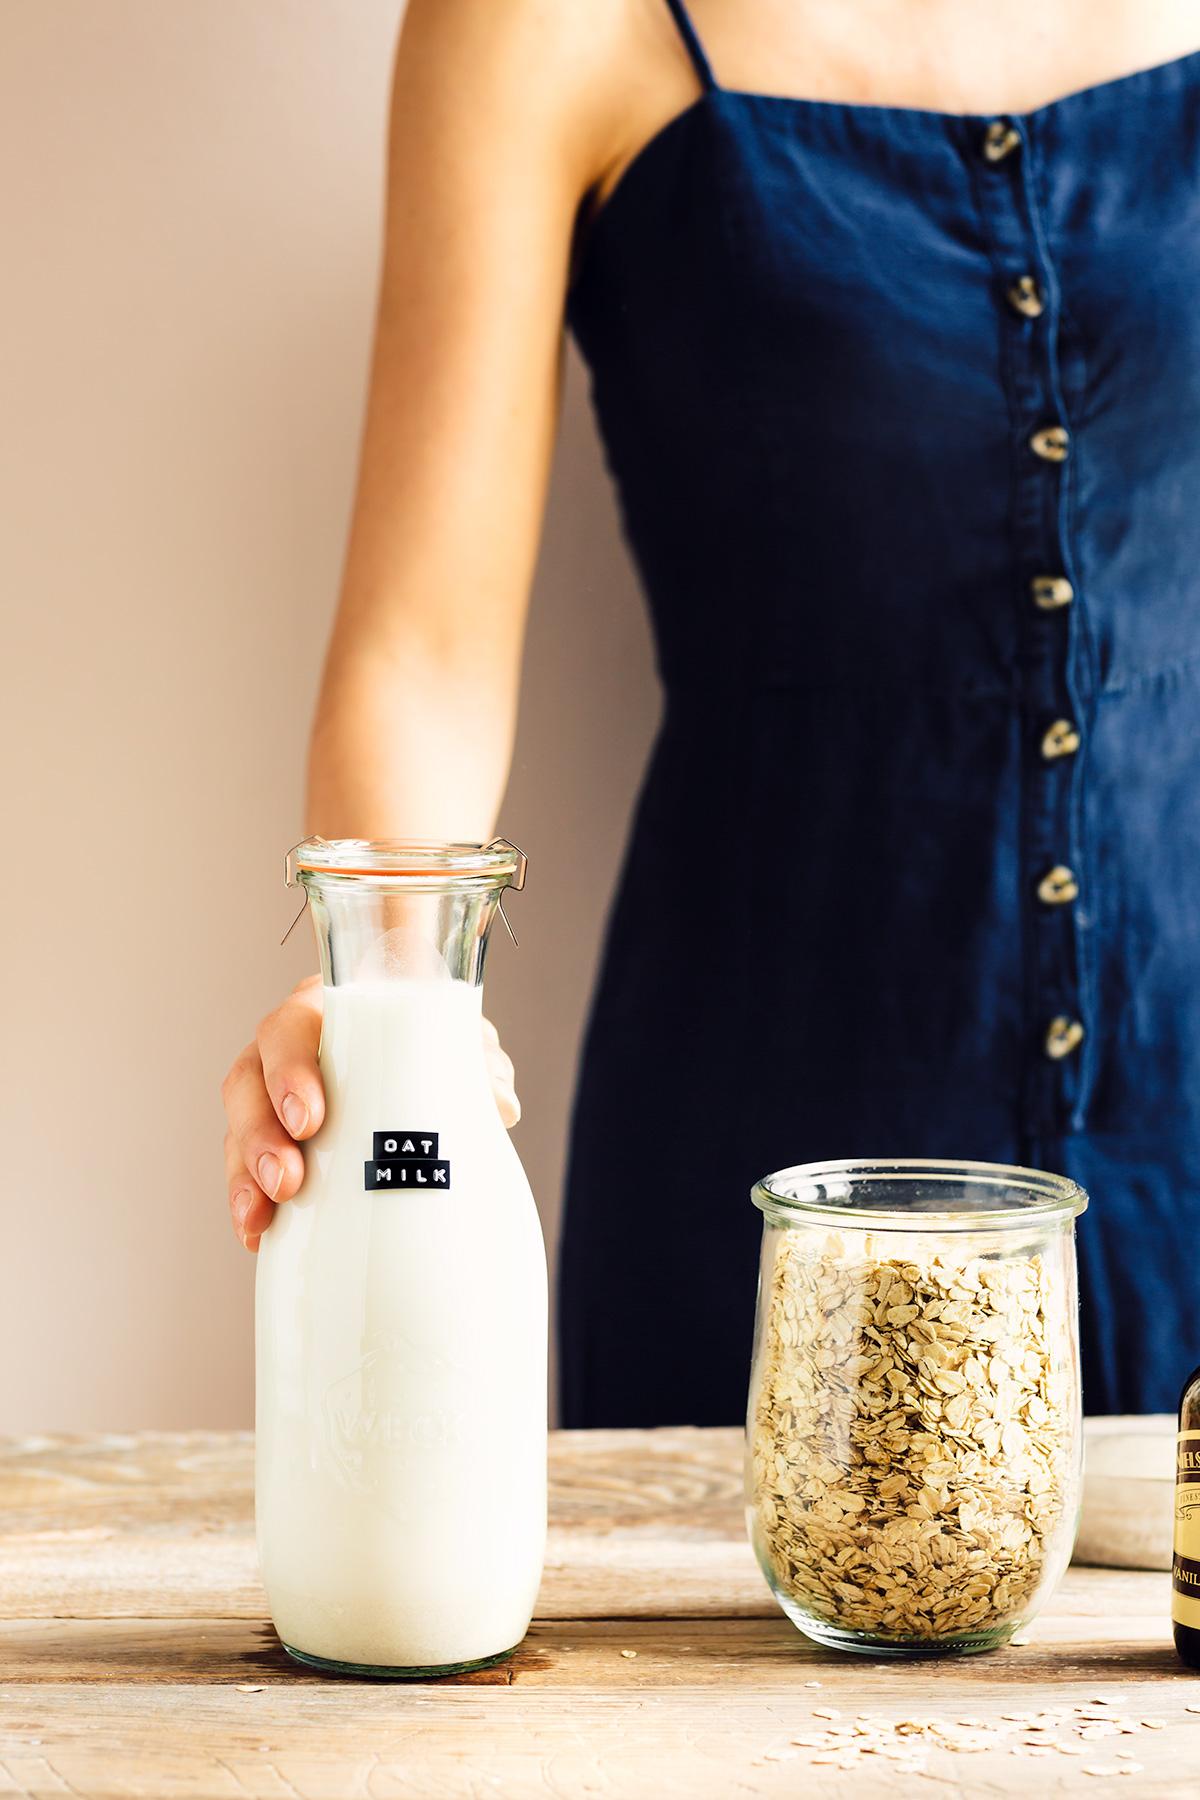 how to make homemade OAT MILK recipe vegan glutenfree nutfree come preparare il latte di avena fatto in casa con estrattore senza glutine senza lattosio